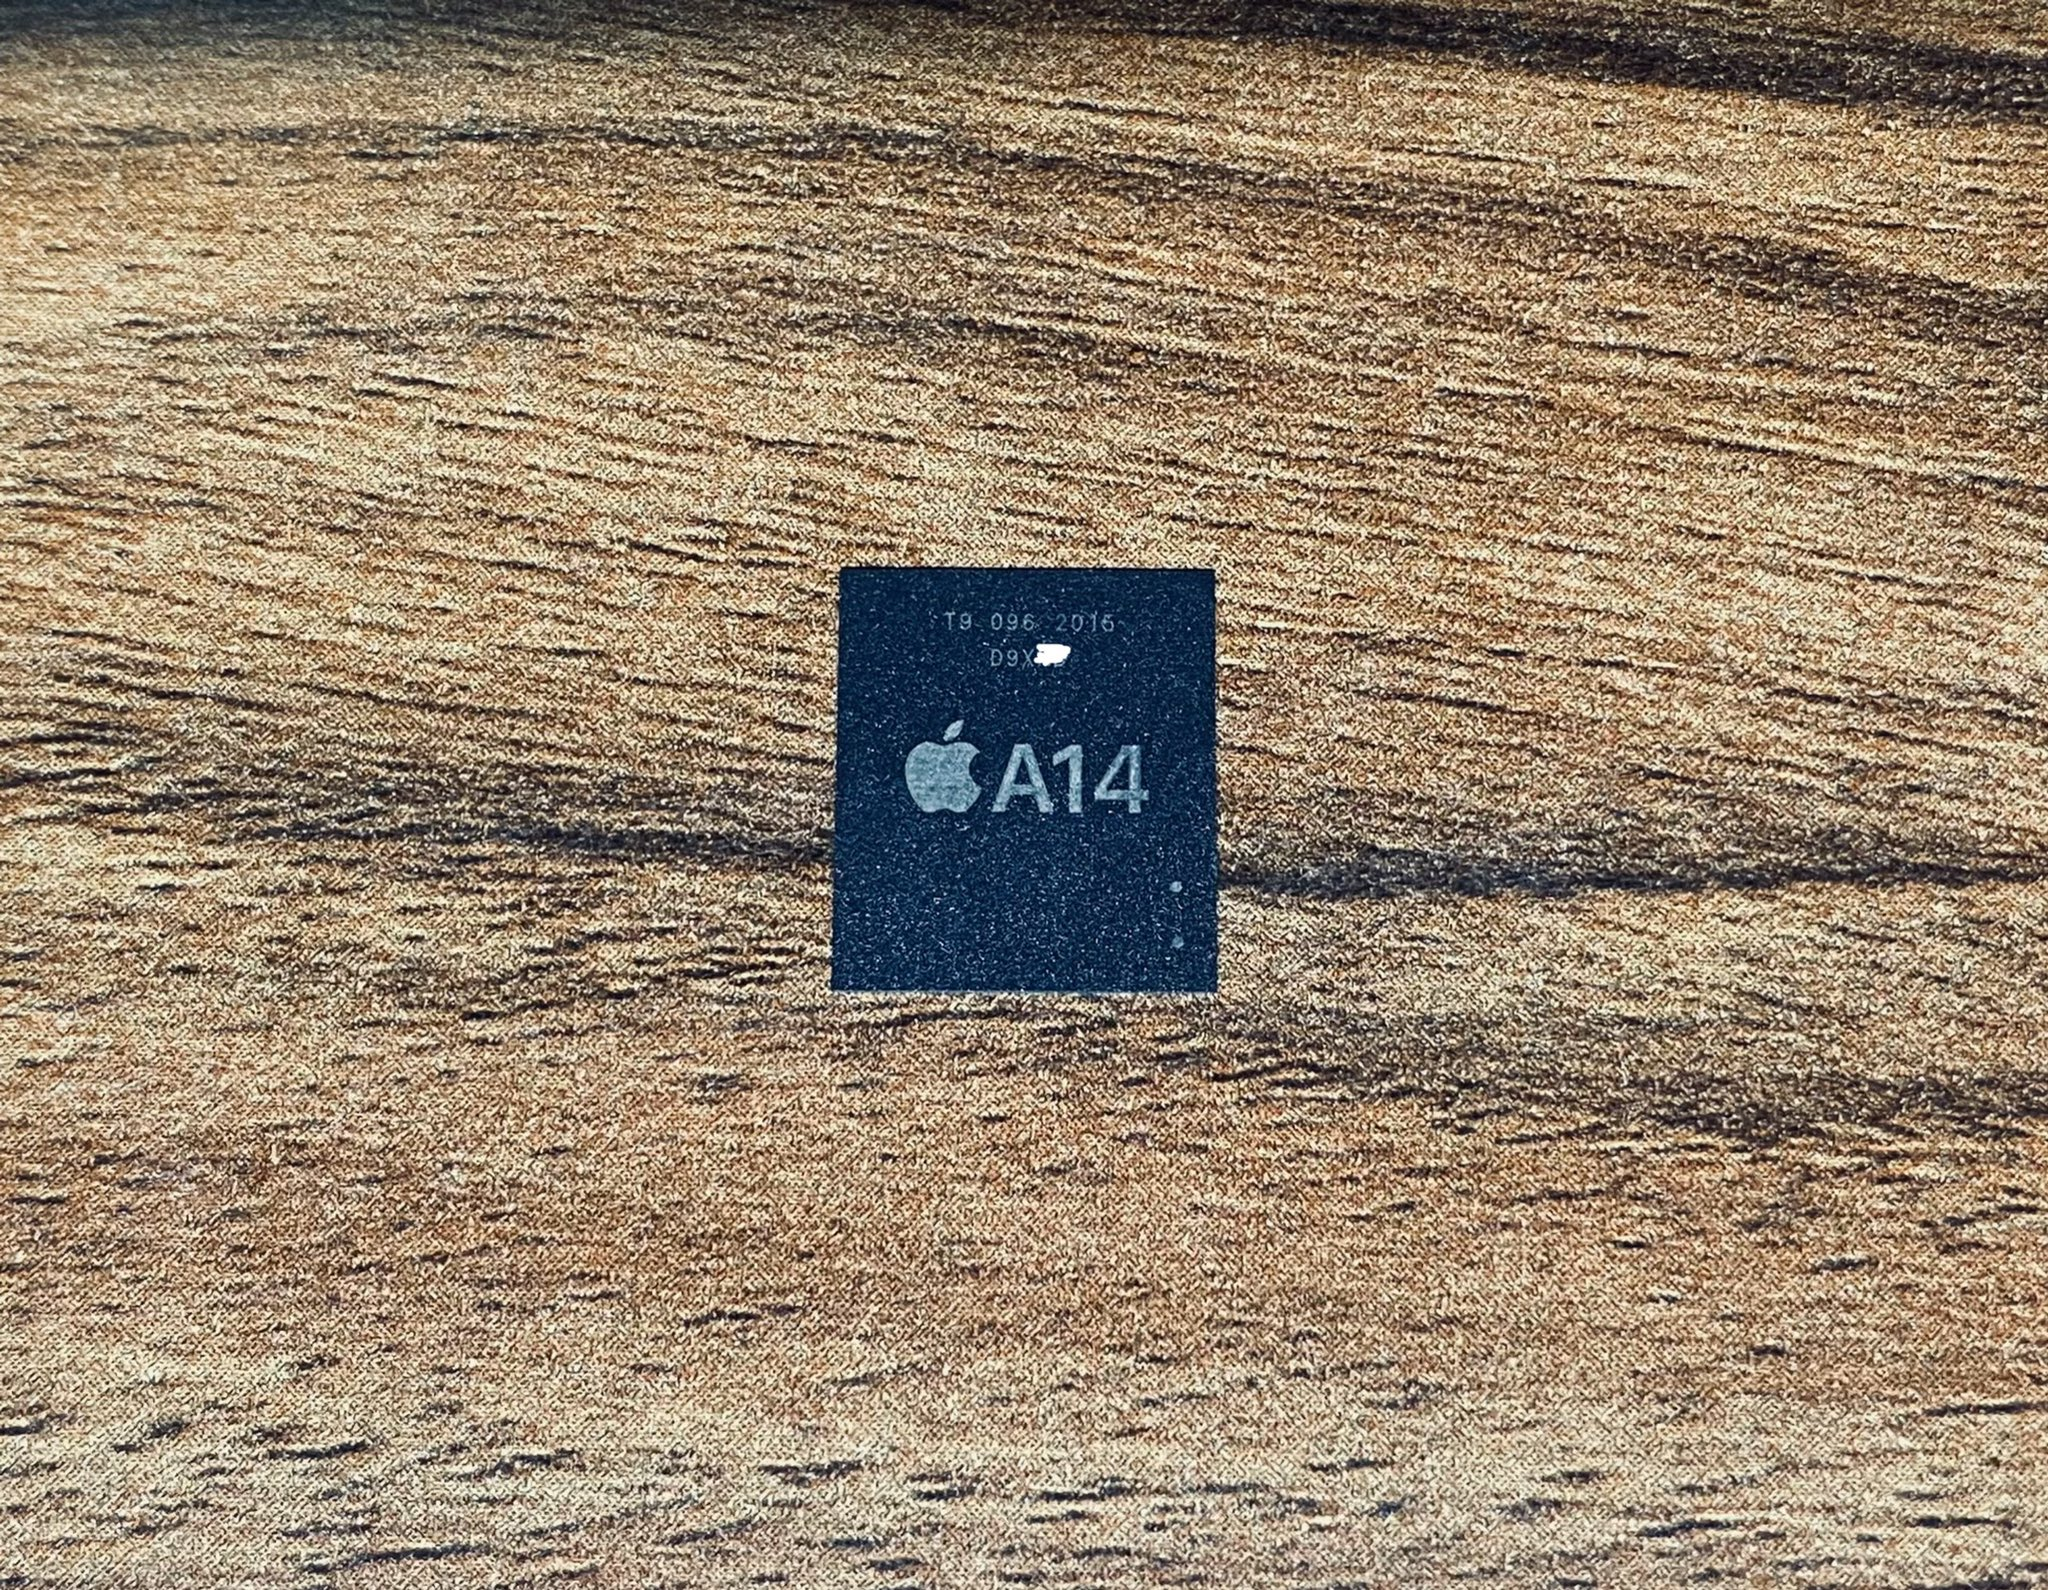 疑似 iPhone 12 A14 芯片 RAM 组件曝光